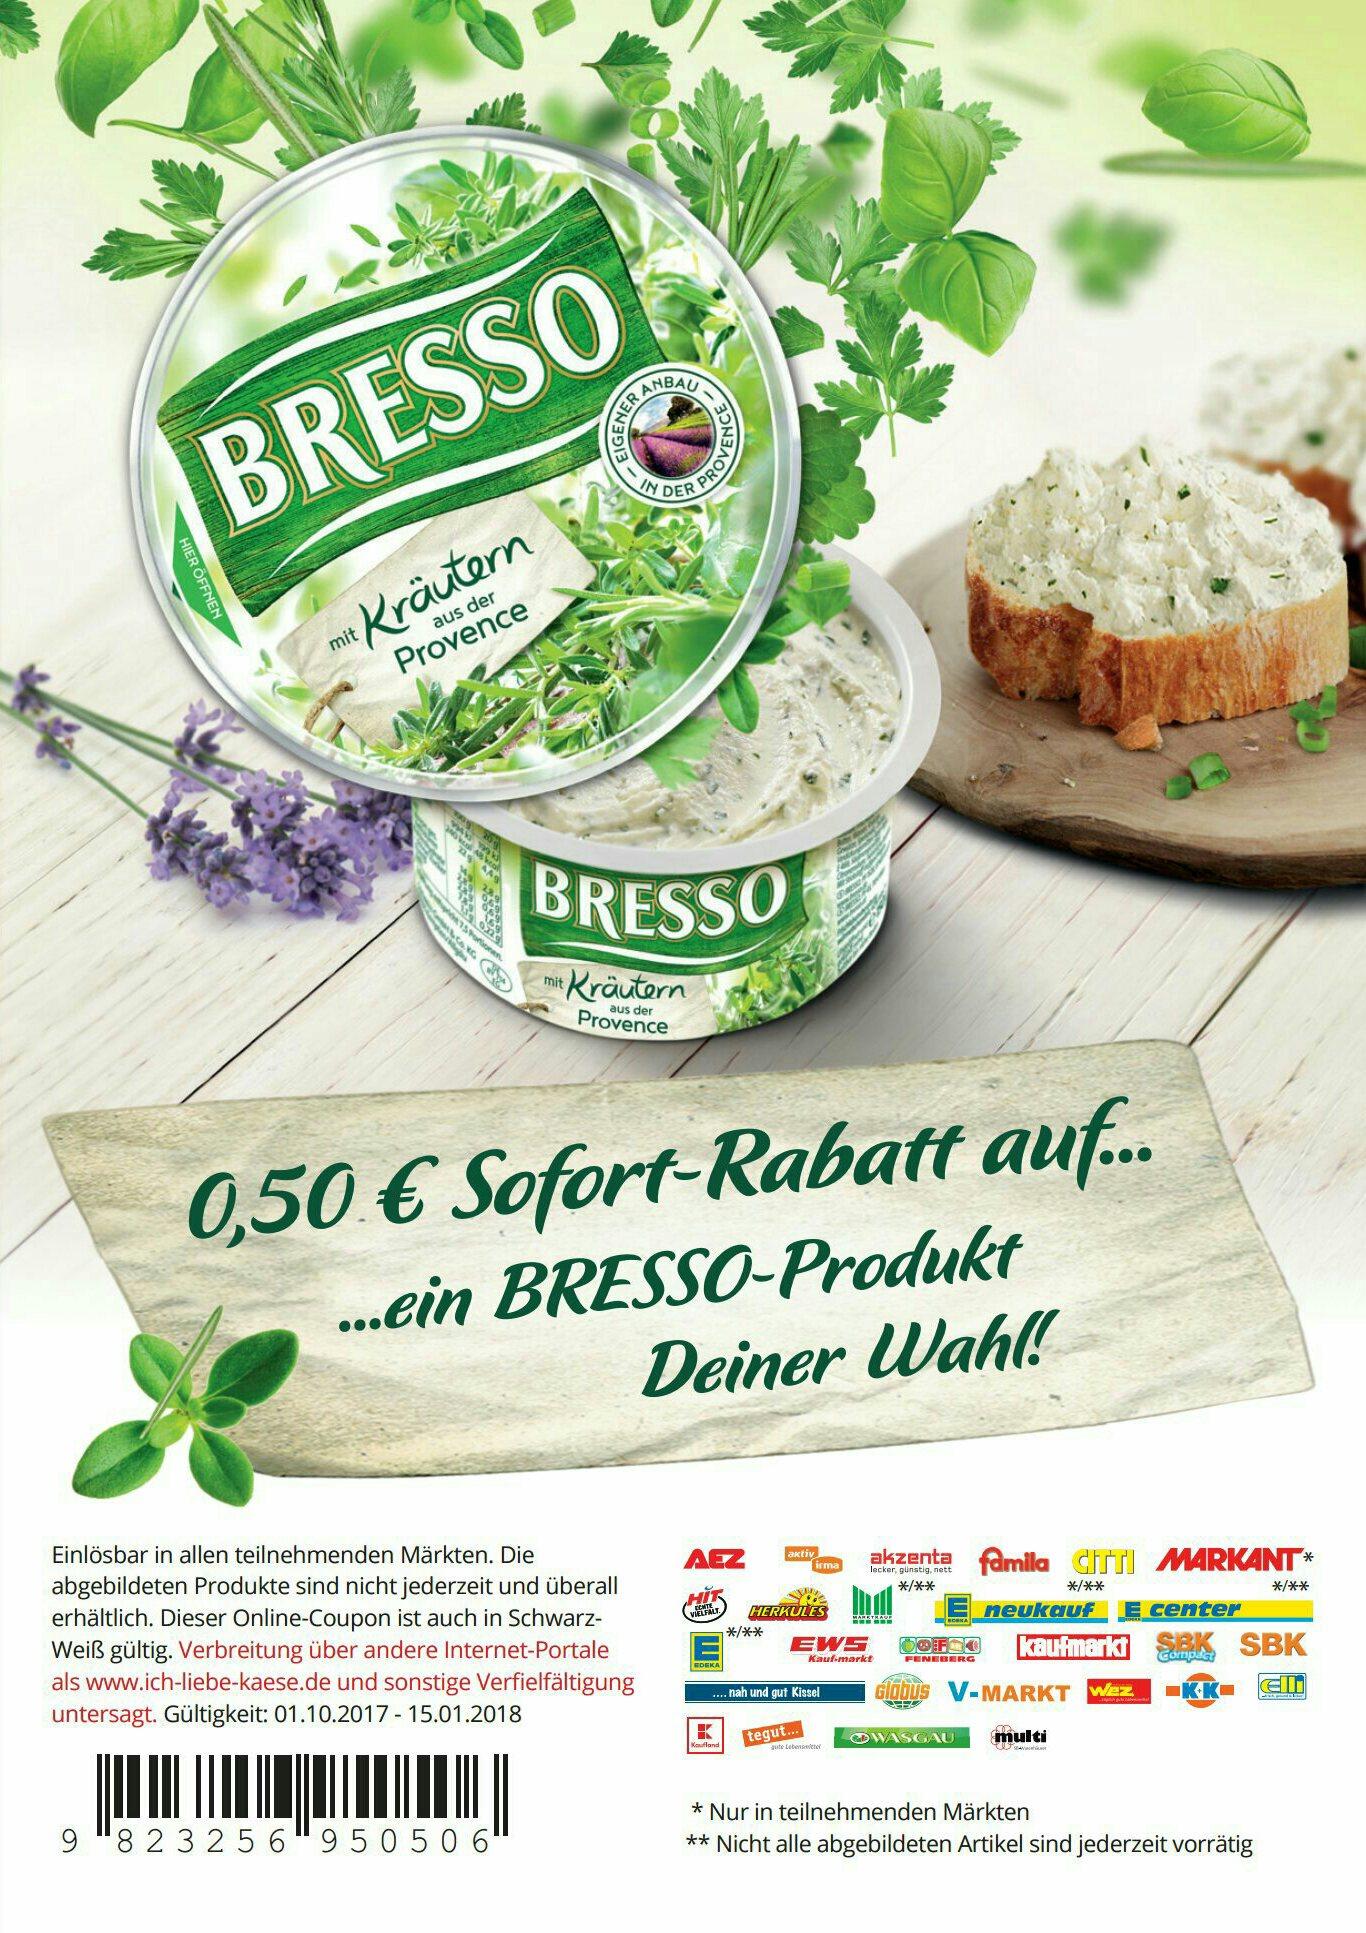 0,50€ Sofort-Rabatt-Coupon auf BRESSO Produkt nach Wahl